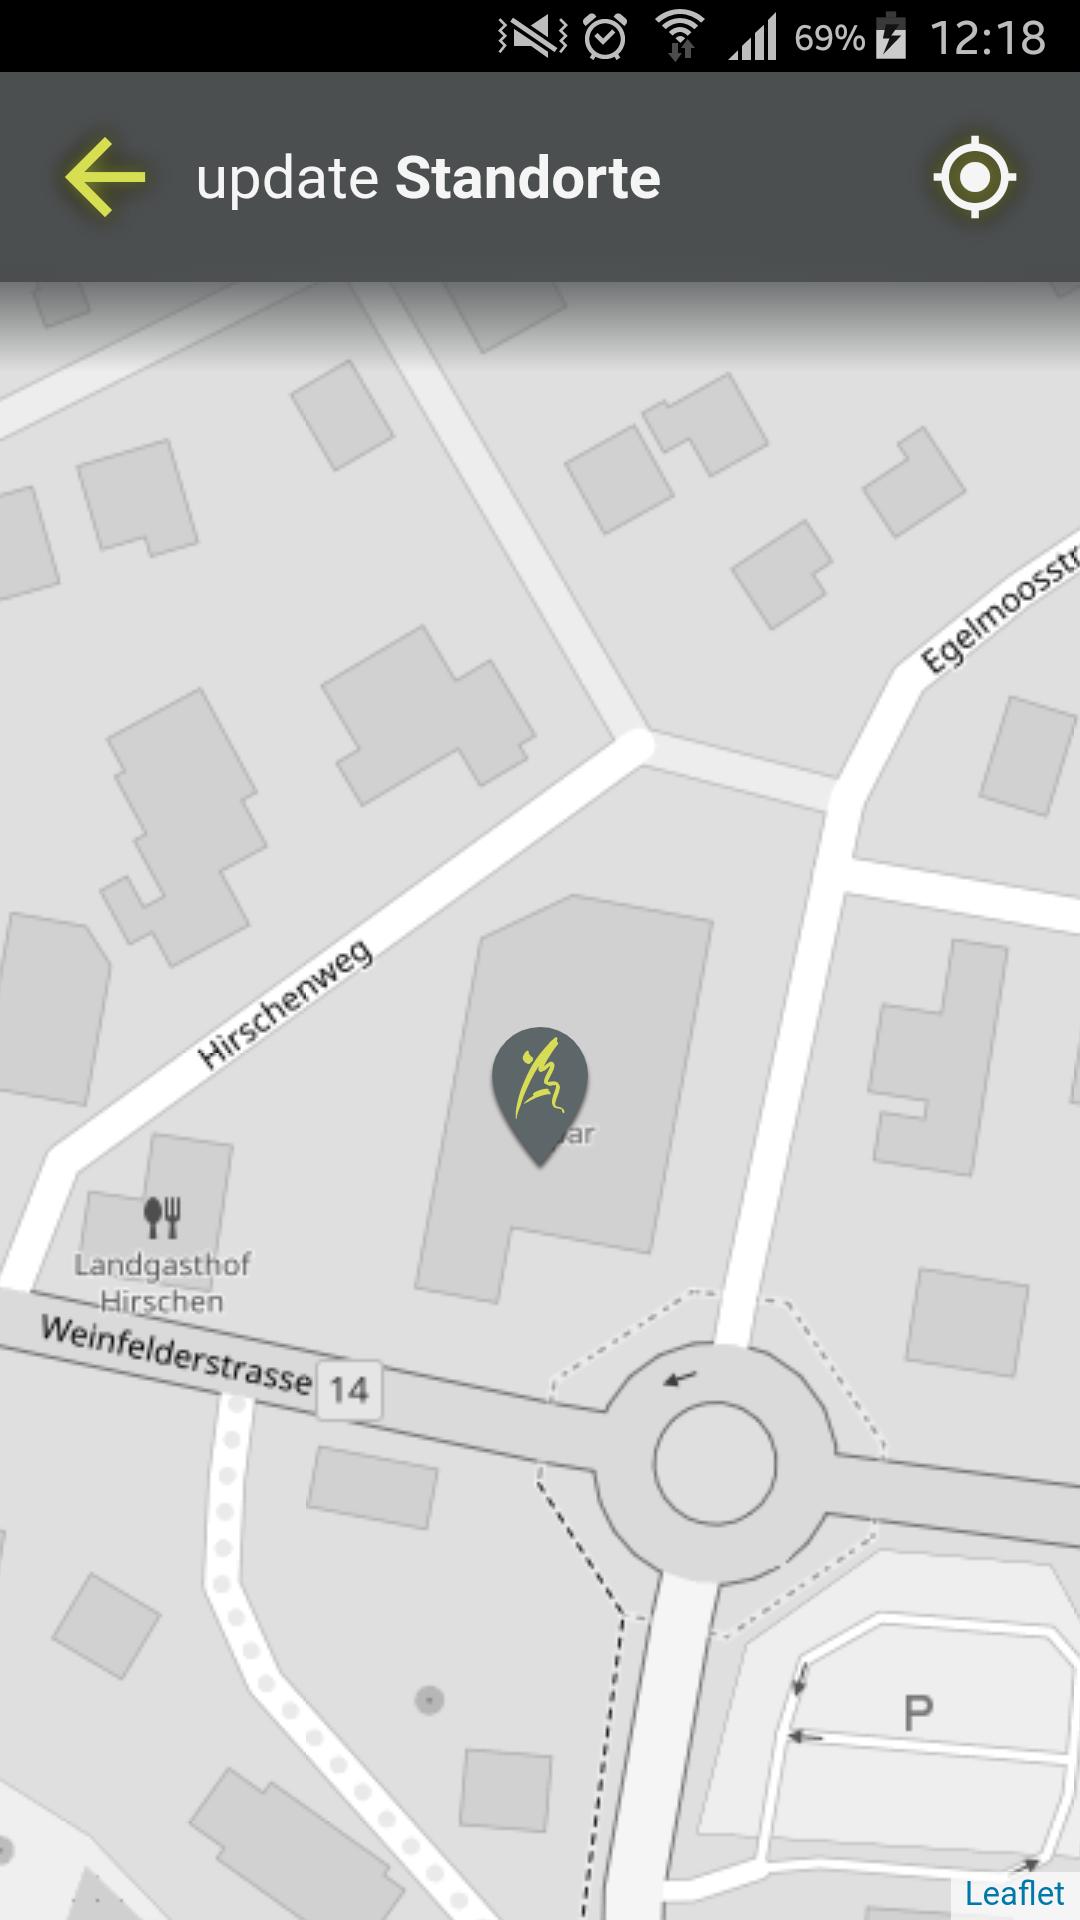 Design und Entwicklung Fitness-App - Interaktive Studio Karte